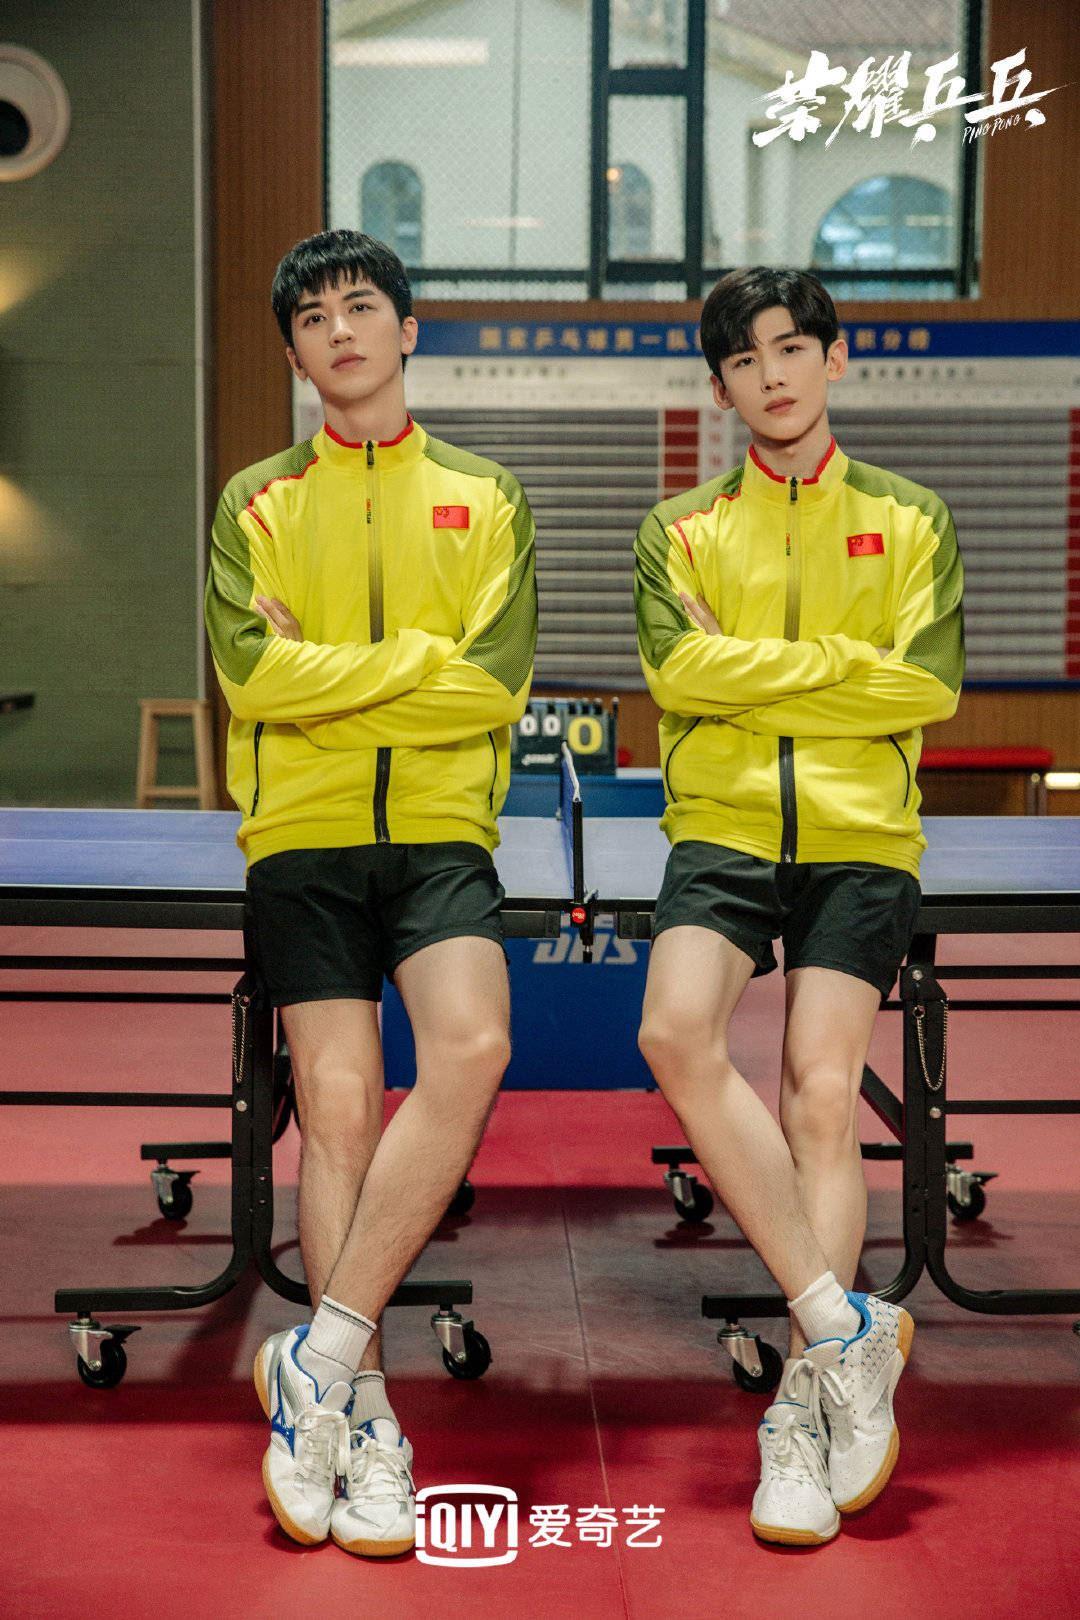 【荣耀乒乓】许魏洲进组前每周都去训练!健身和乒乓都一起练!